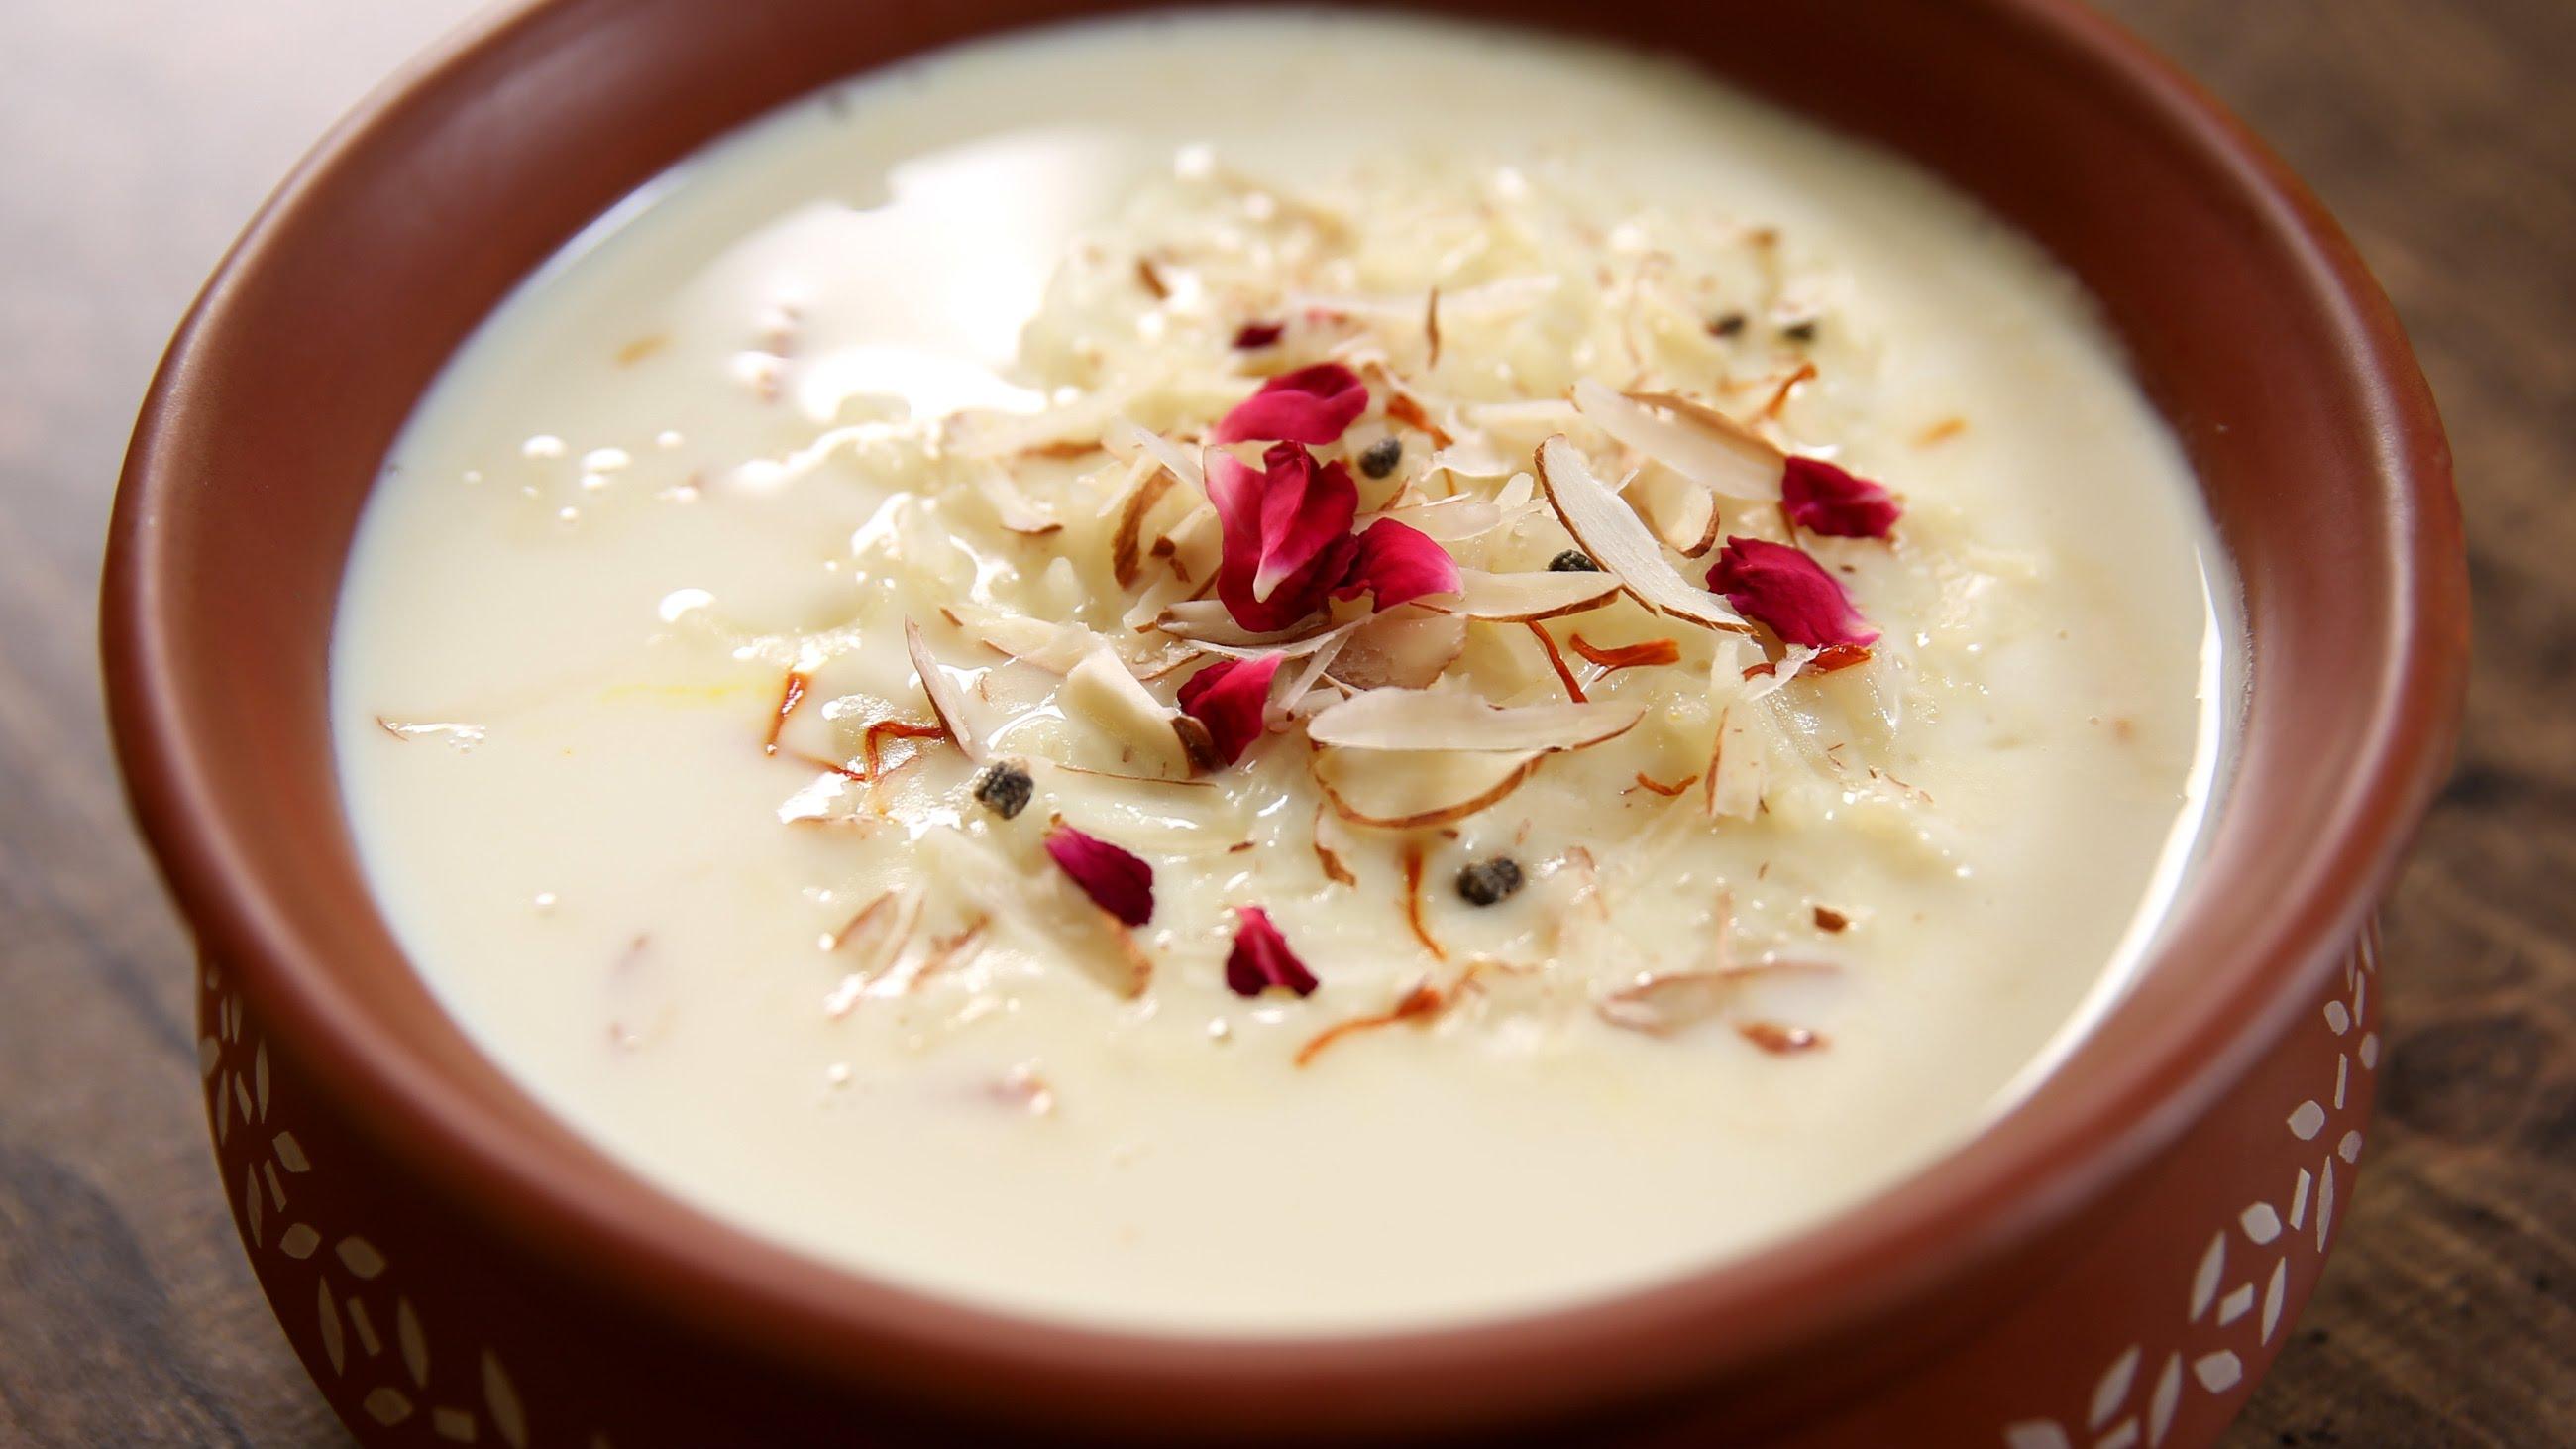 Indian Dessert - Kheer